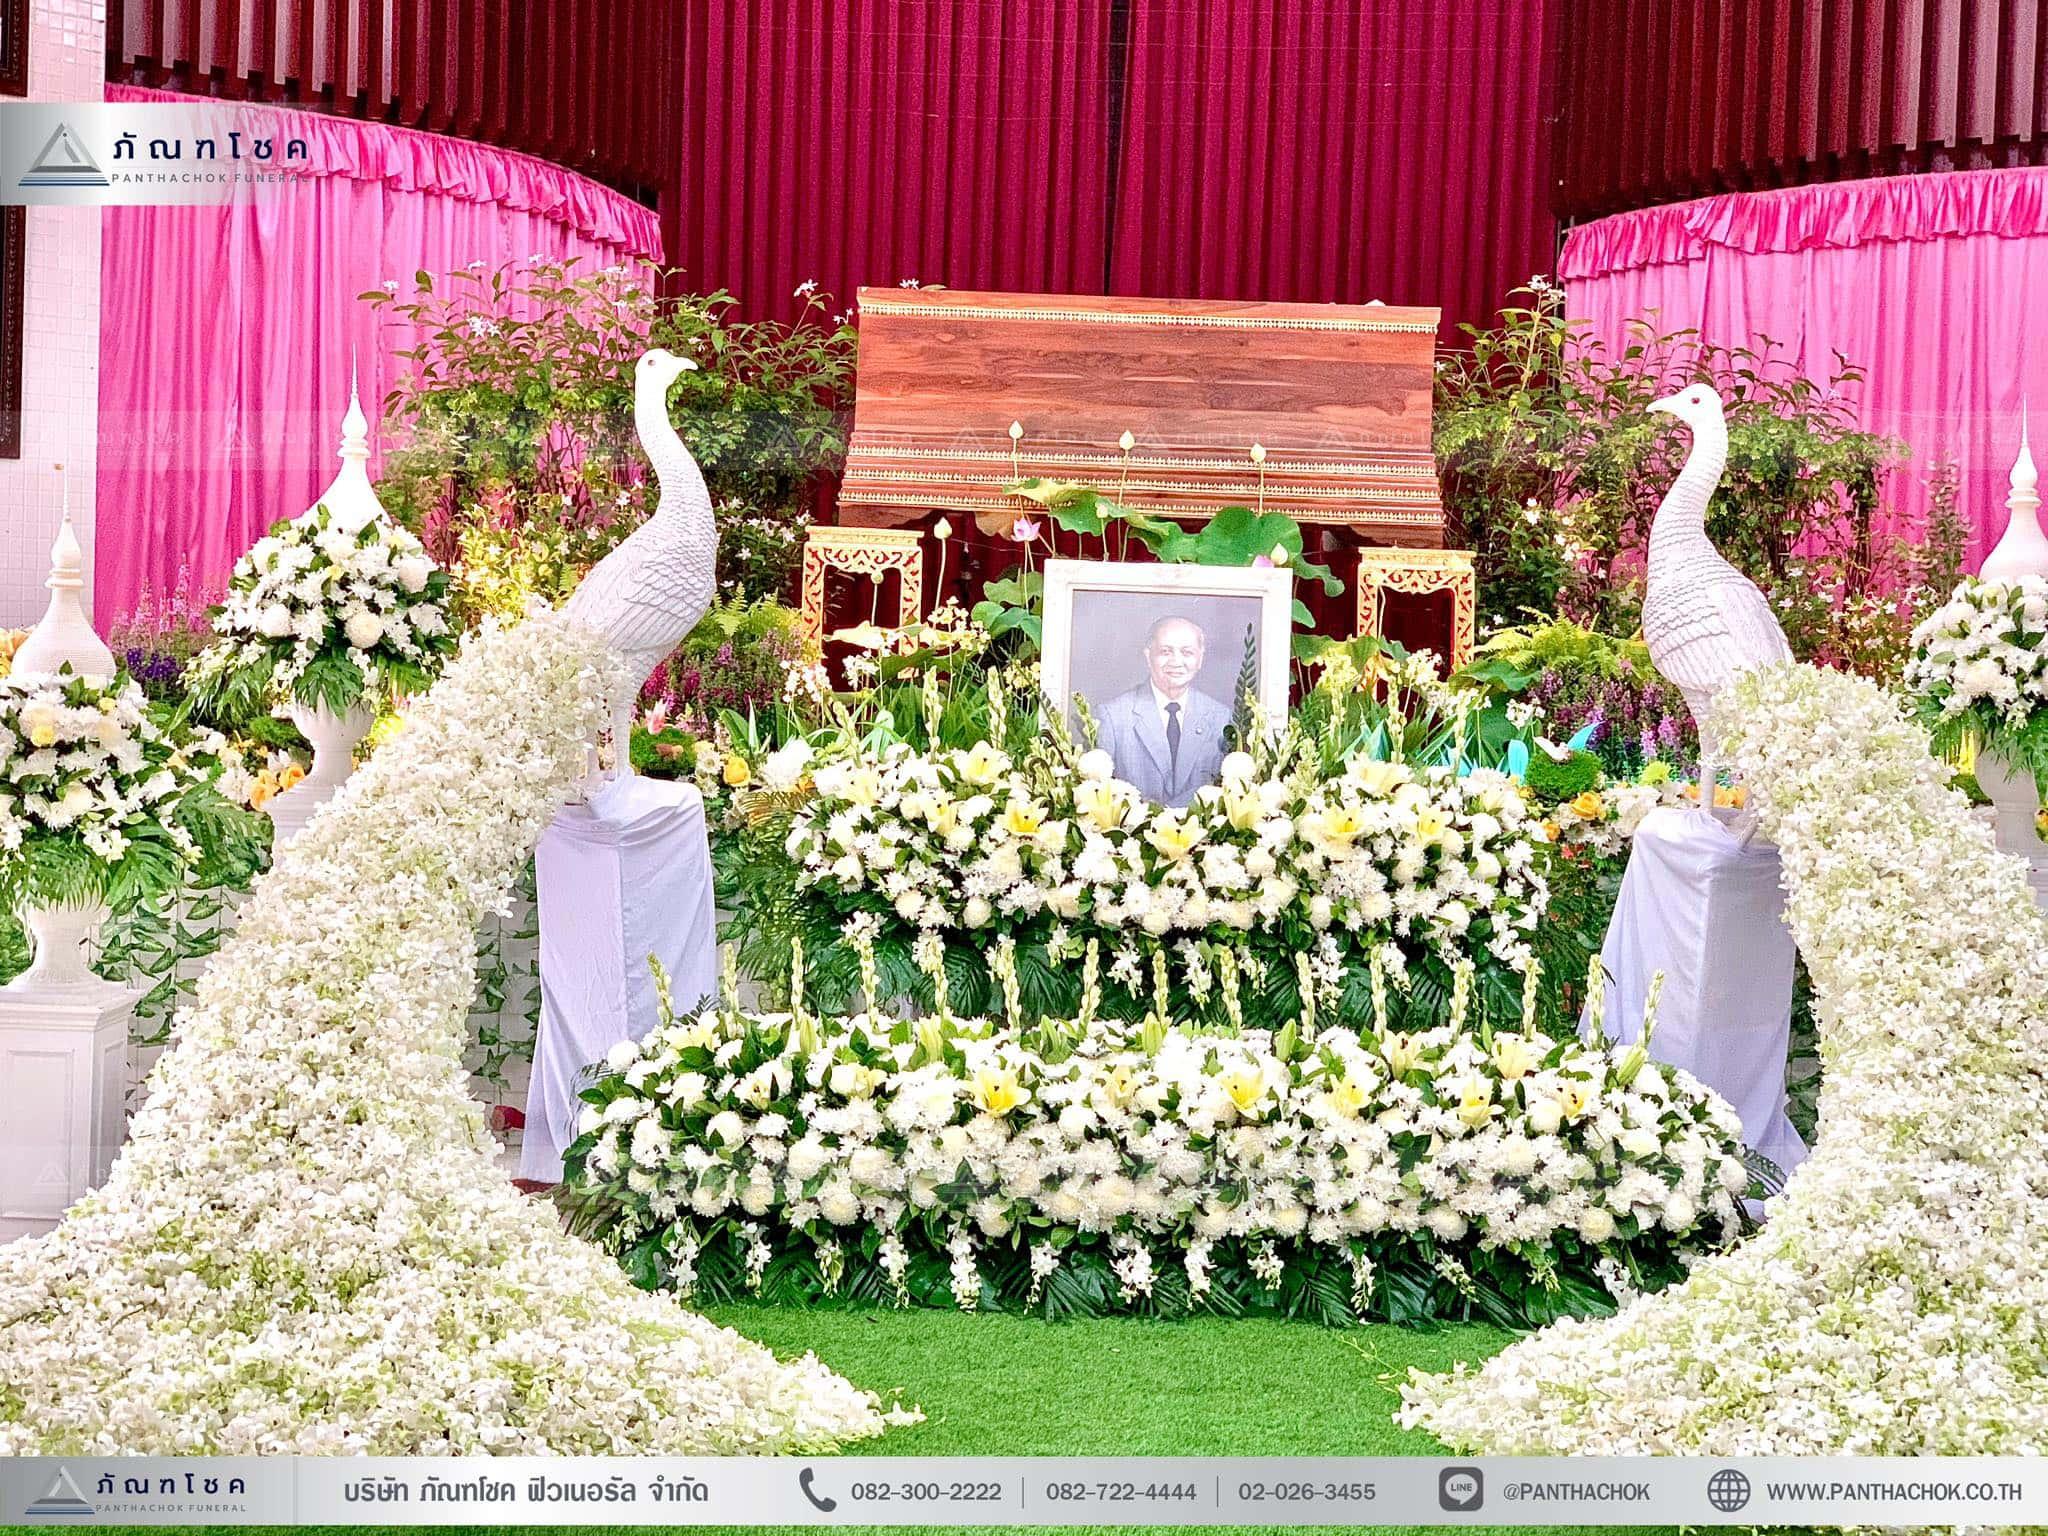 ดอกไม้หน้าหีบประดับด้วยนกยูง ณ วัดชลประทานรังสฤษฎ์ พระอารามหลวง 7